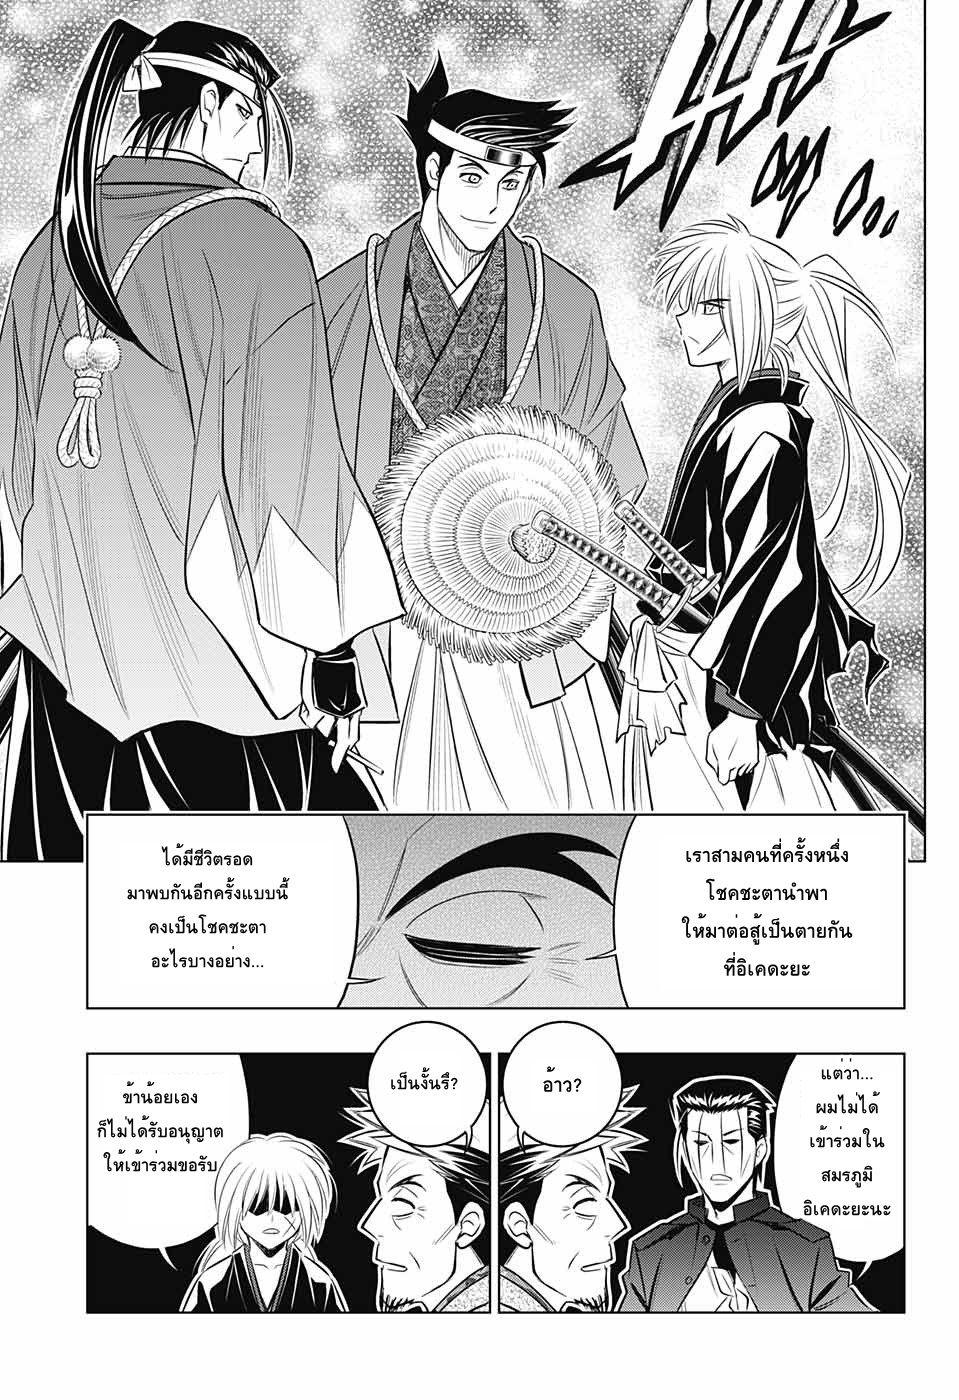 อ่านการ์ตูน Rurouni Kenshin: Hokkaido Arc ตอนที่ 14 หน้าที่ 21